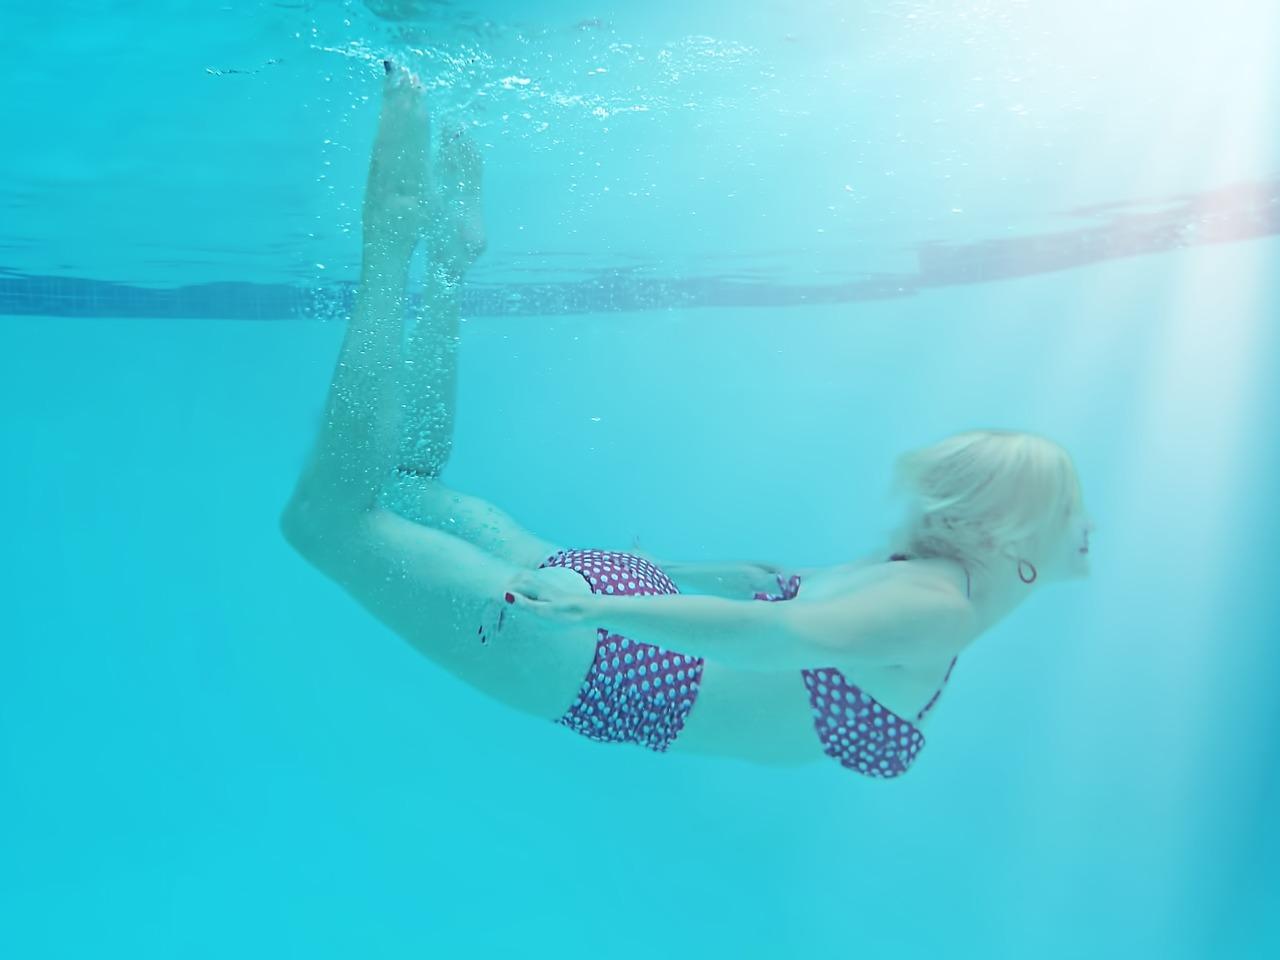 經常在游泳池內泡泡水有減肥的效果